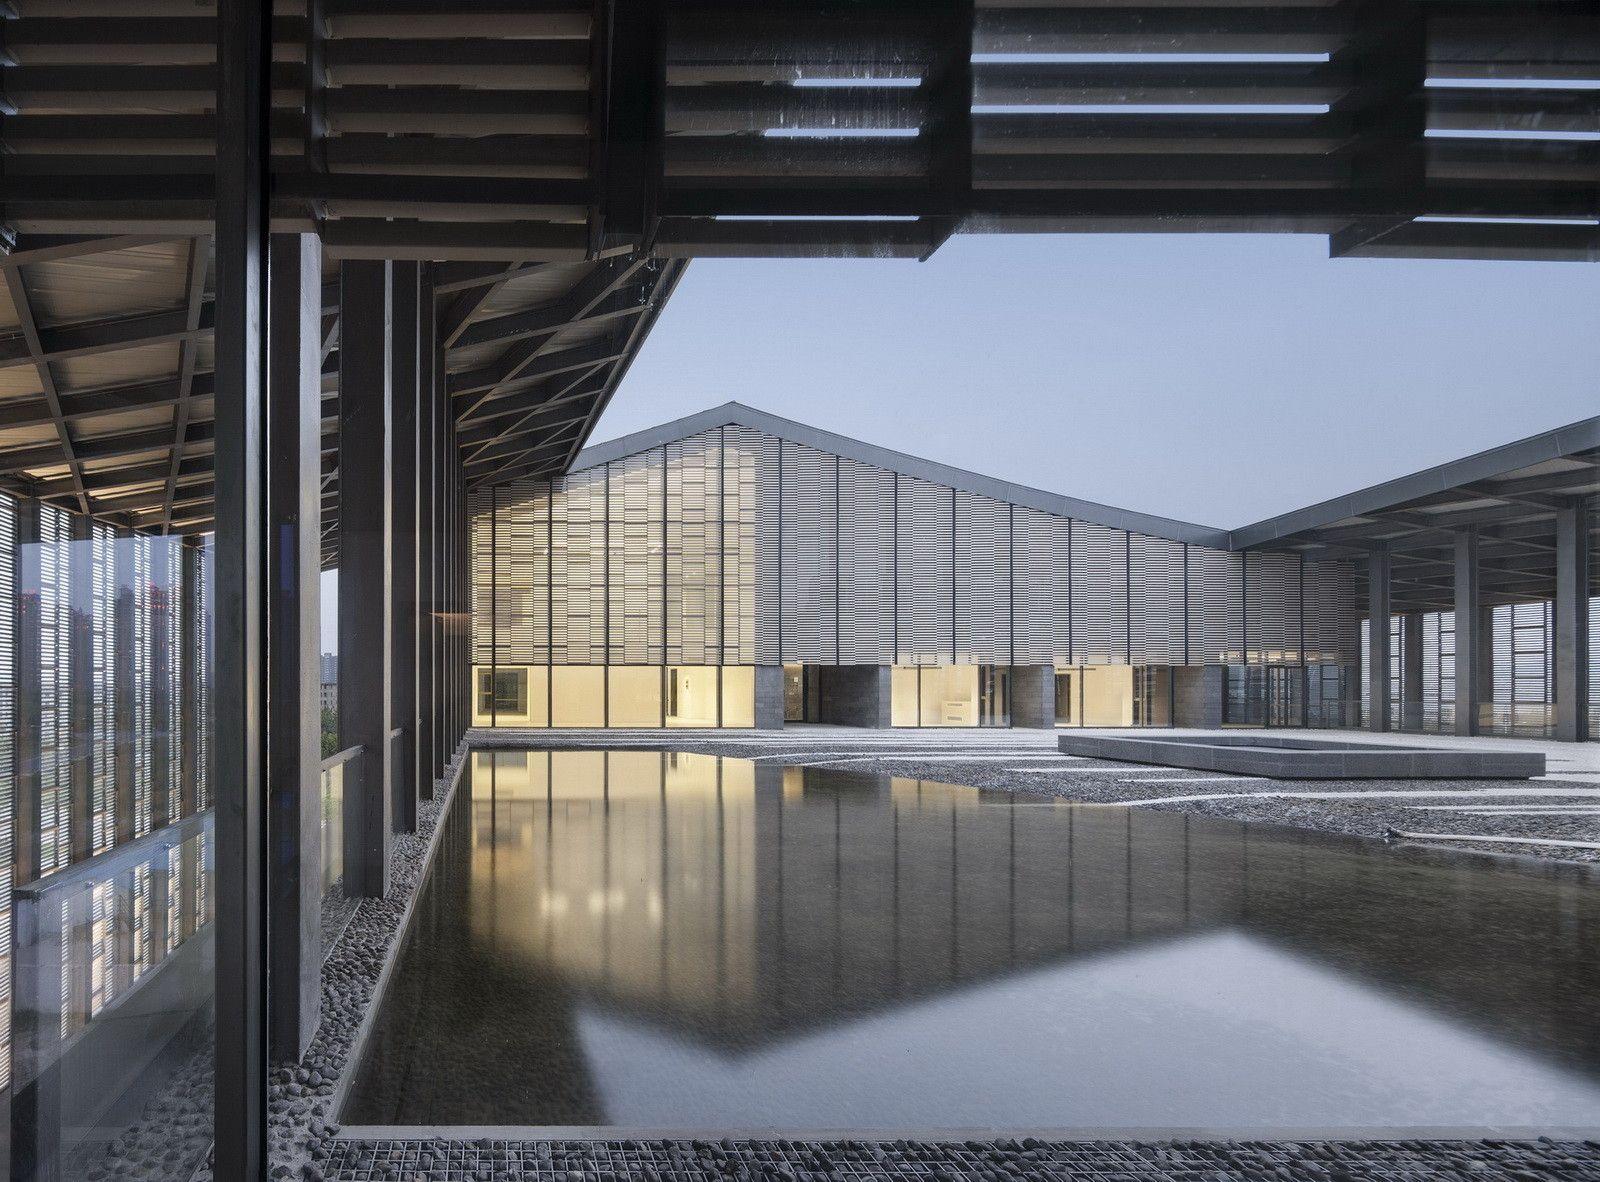 Haaz Design And Art Gallery Gad: Fan Zeng Art Gallery / Original Design Studio